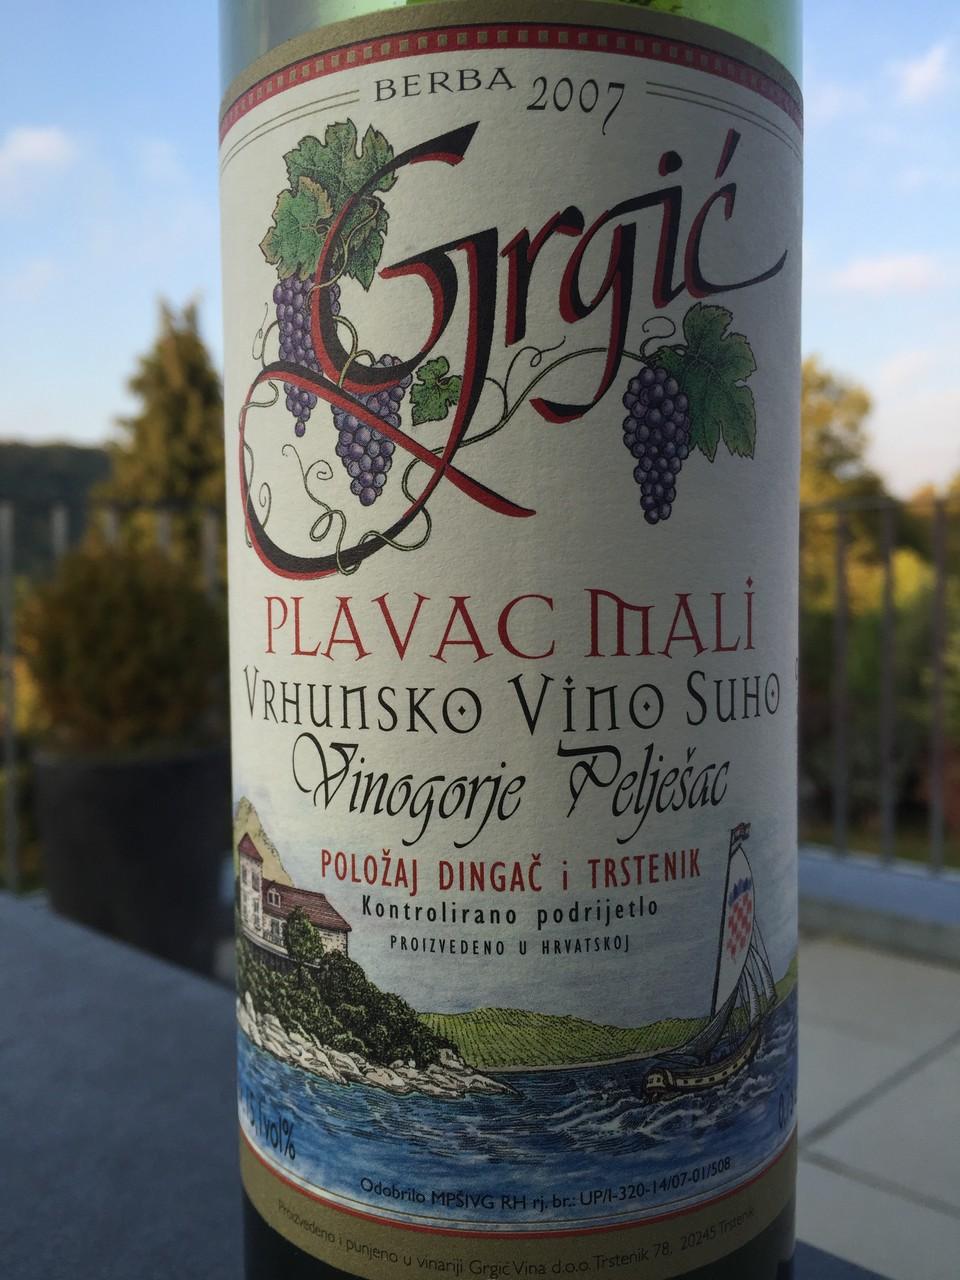 Plavac Mali, Grigic, 2007